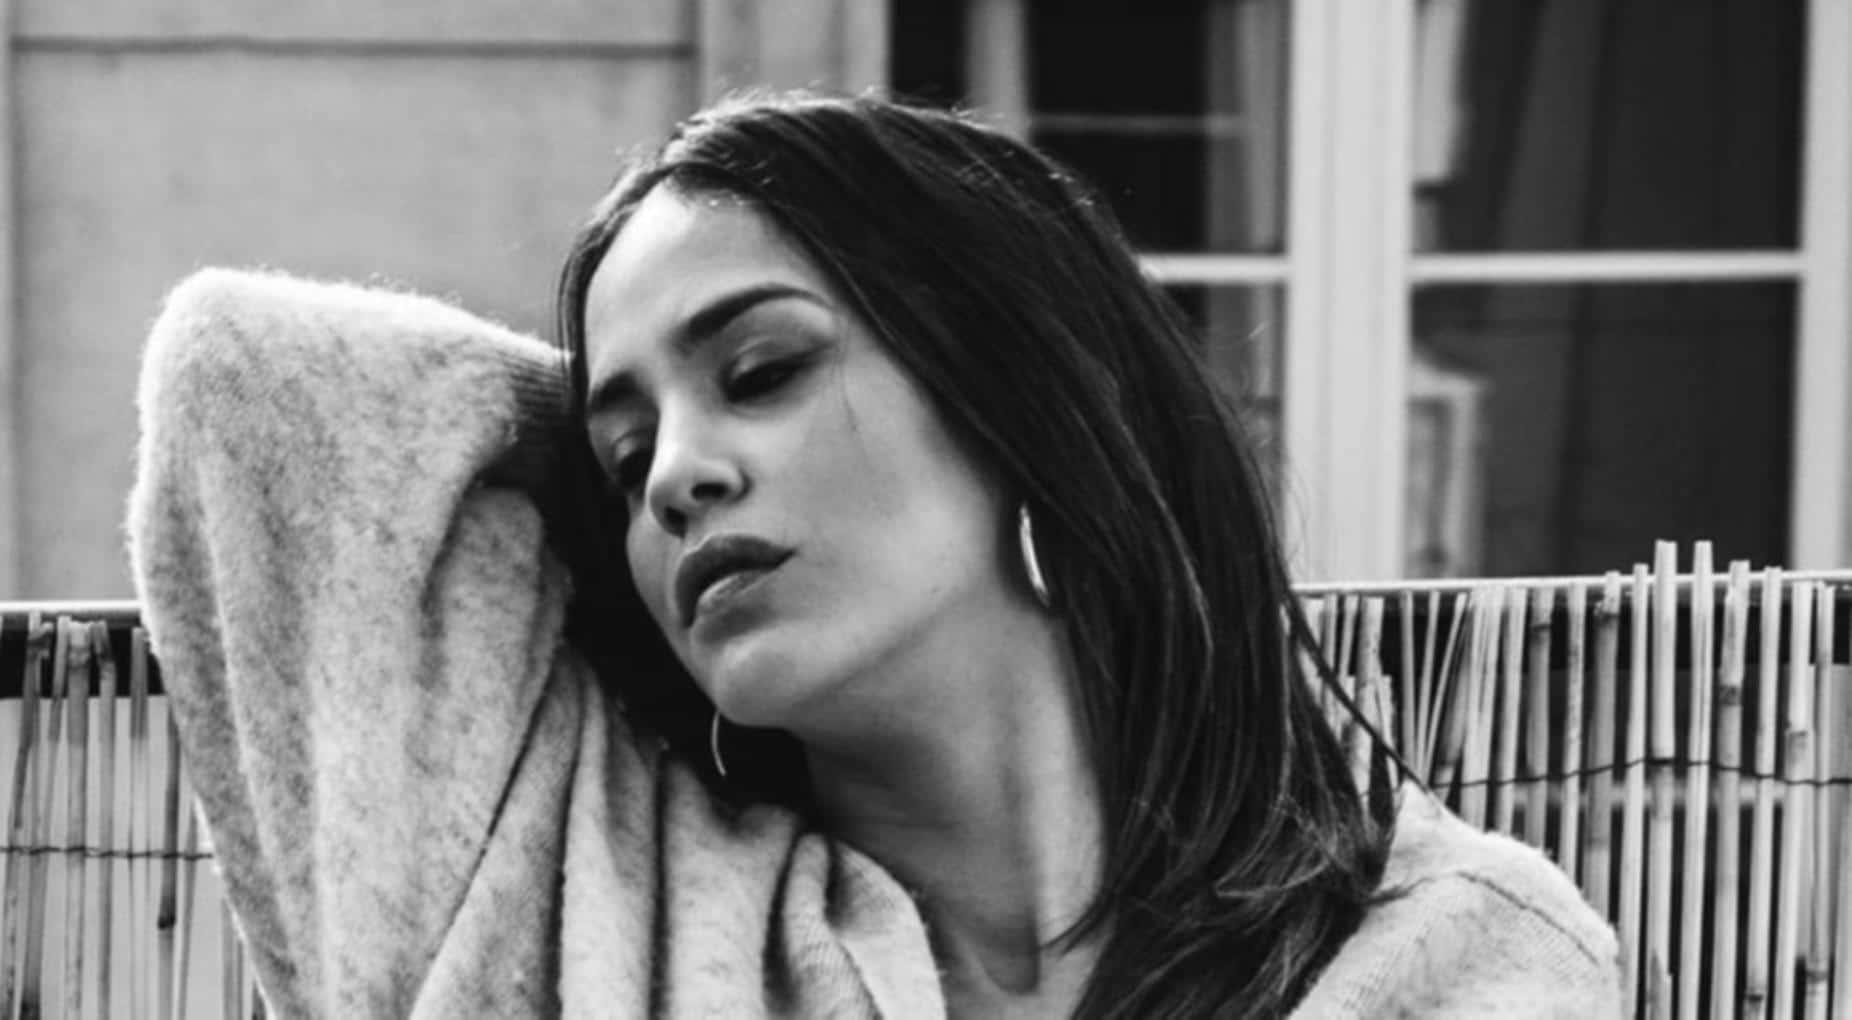 Alice Belaïdi seins nus dans un jacuzzi : elle enflamme Instagram ! (vidéo)